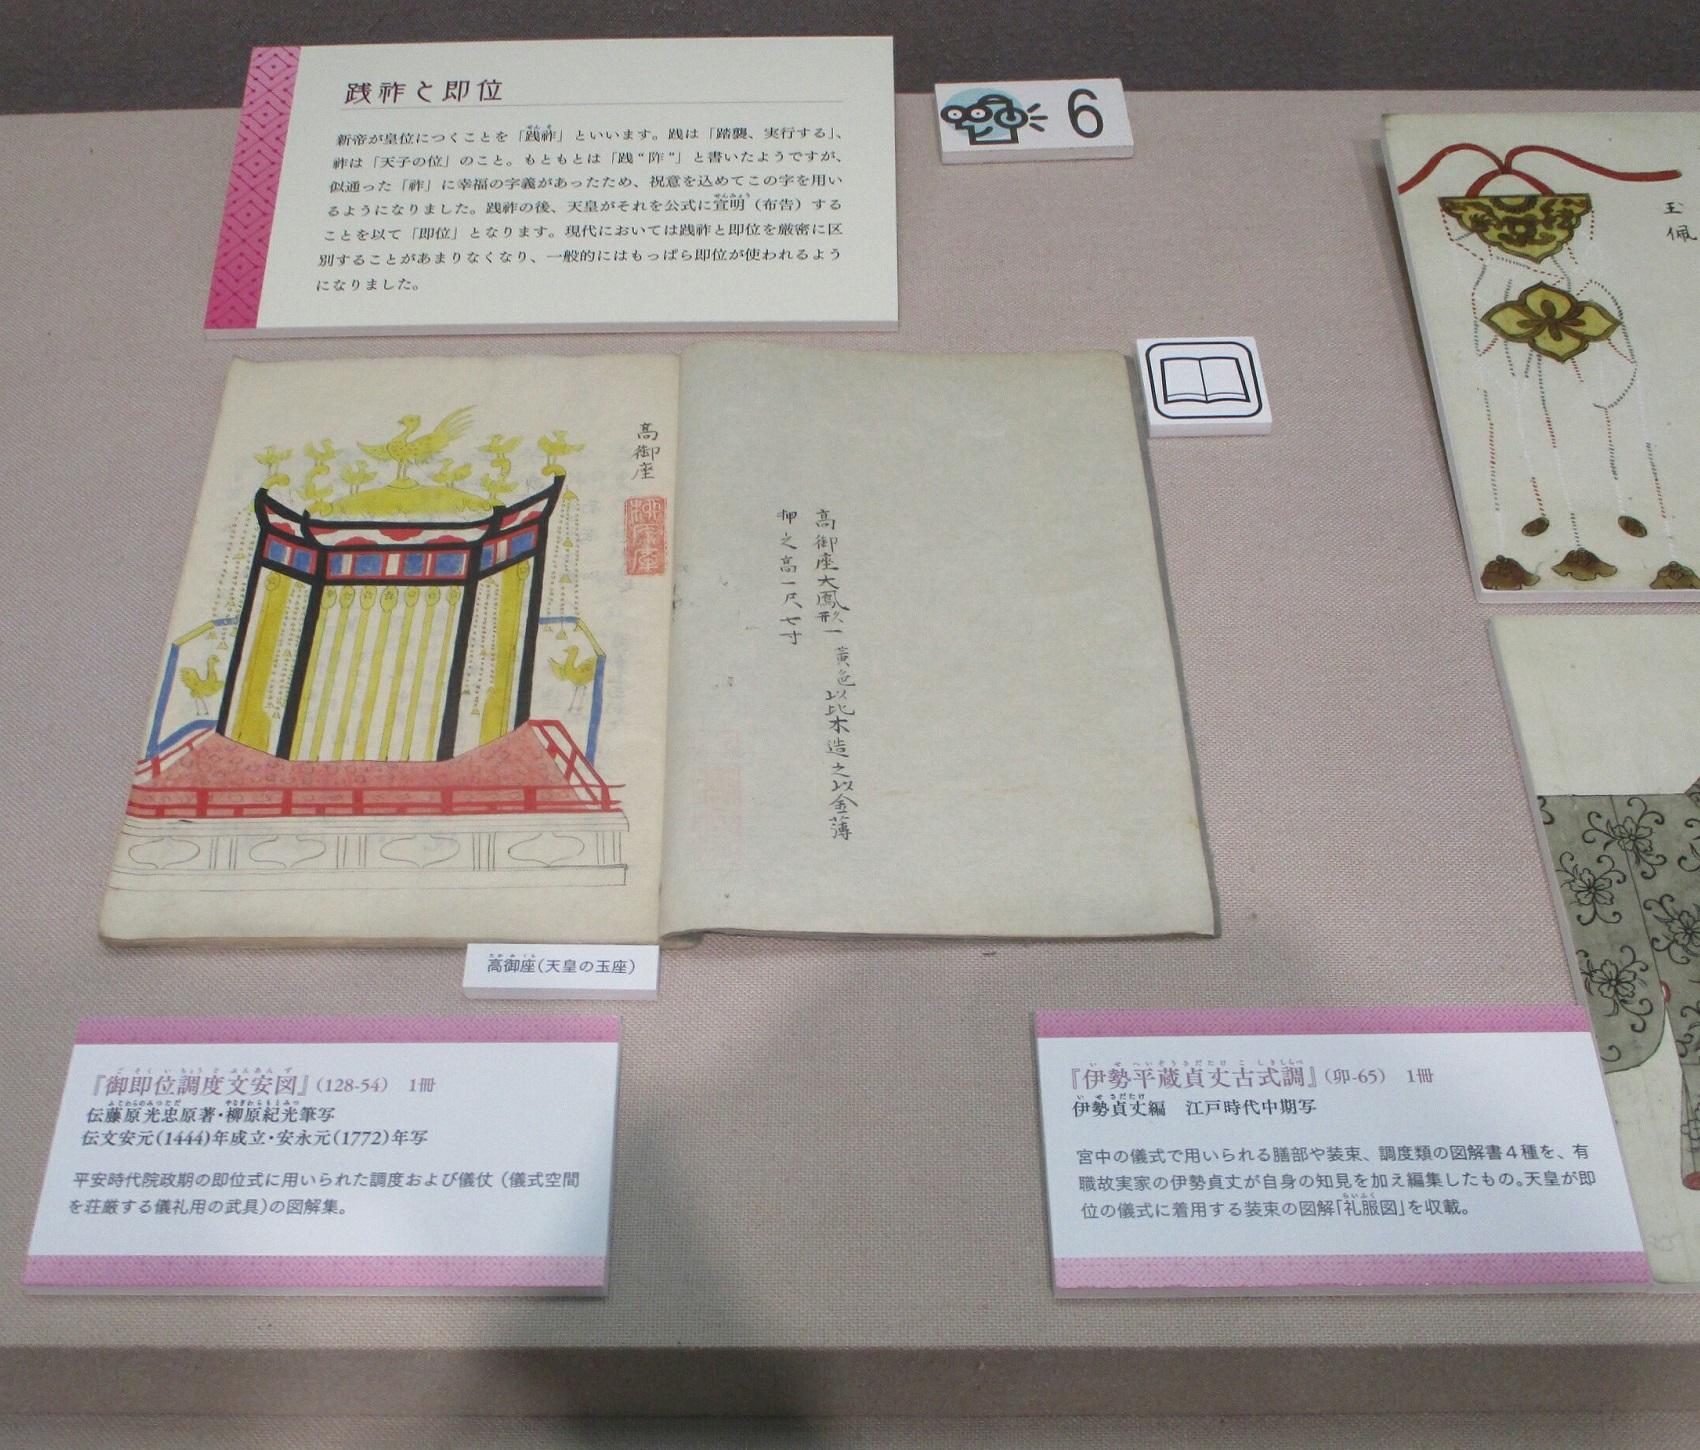 2019.4.29 (23) 岩瀬文庫 - 高御座 1700-1450